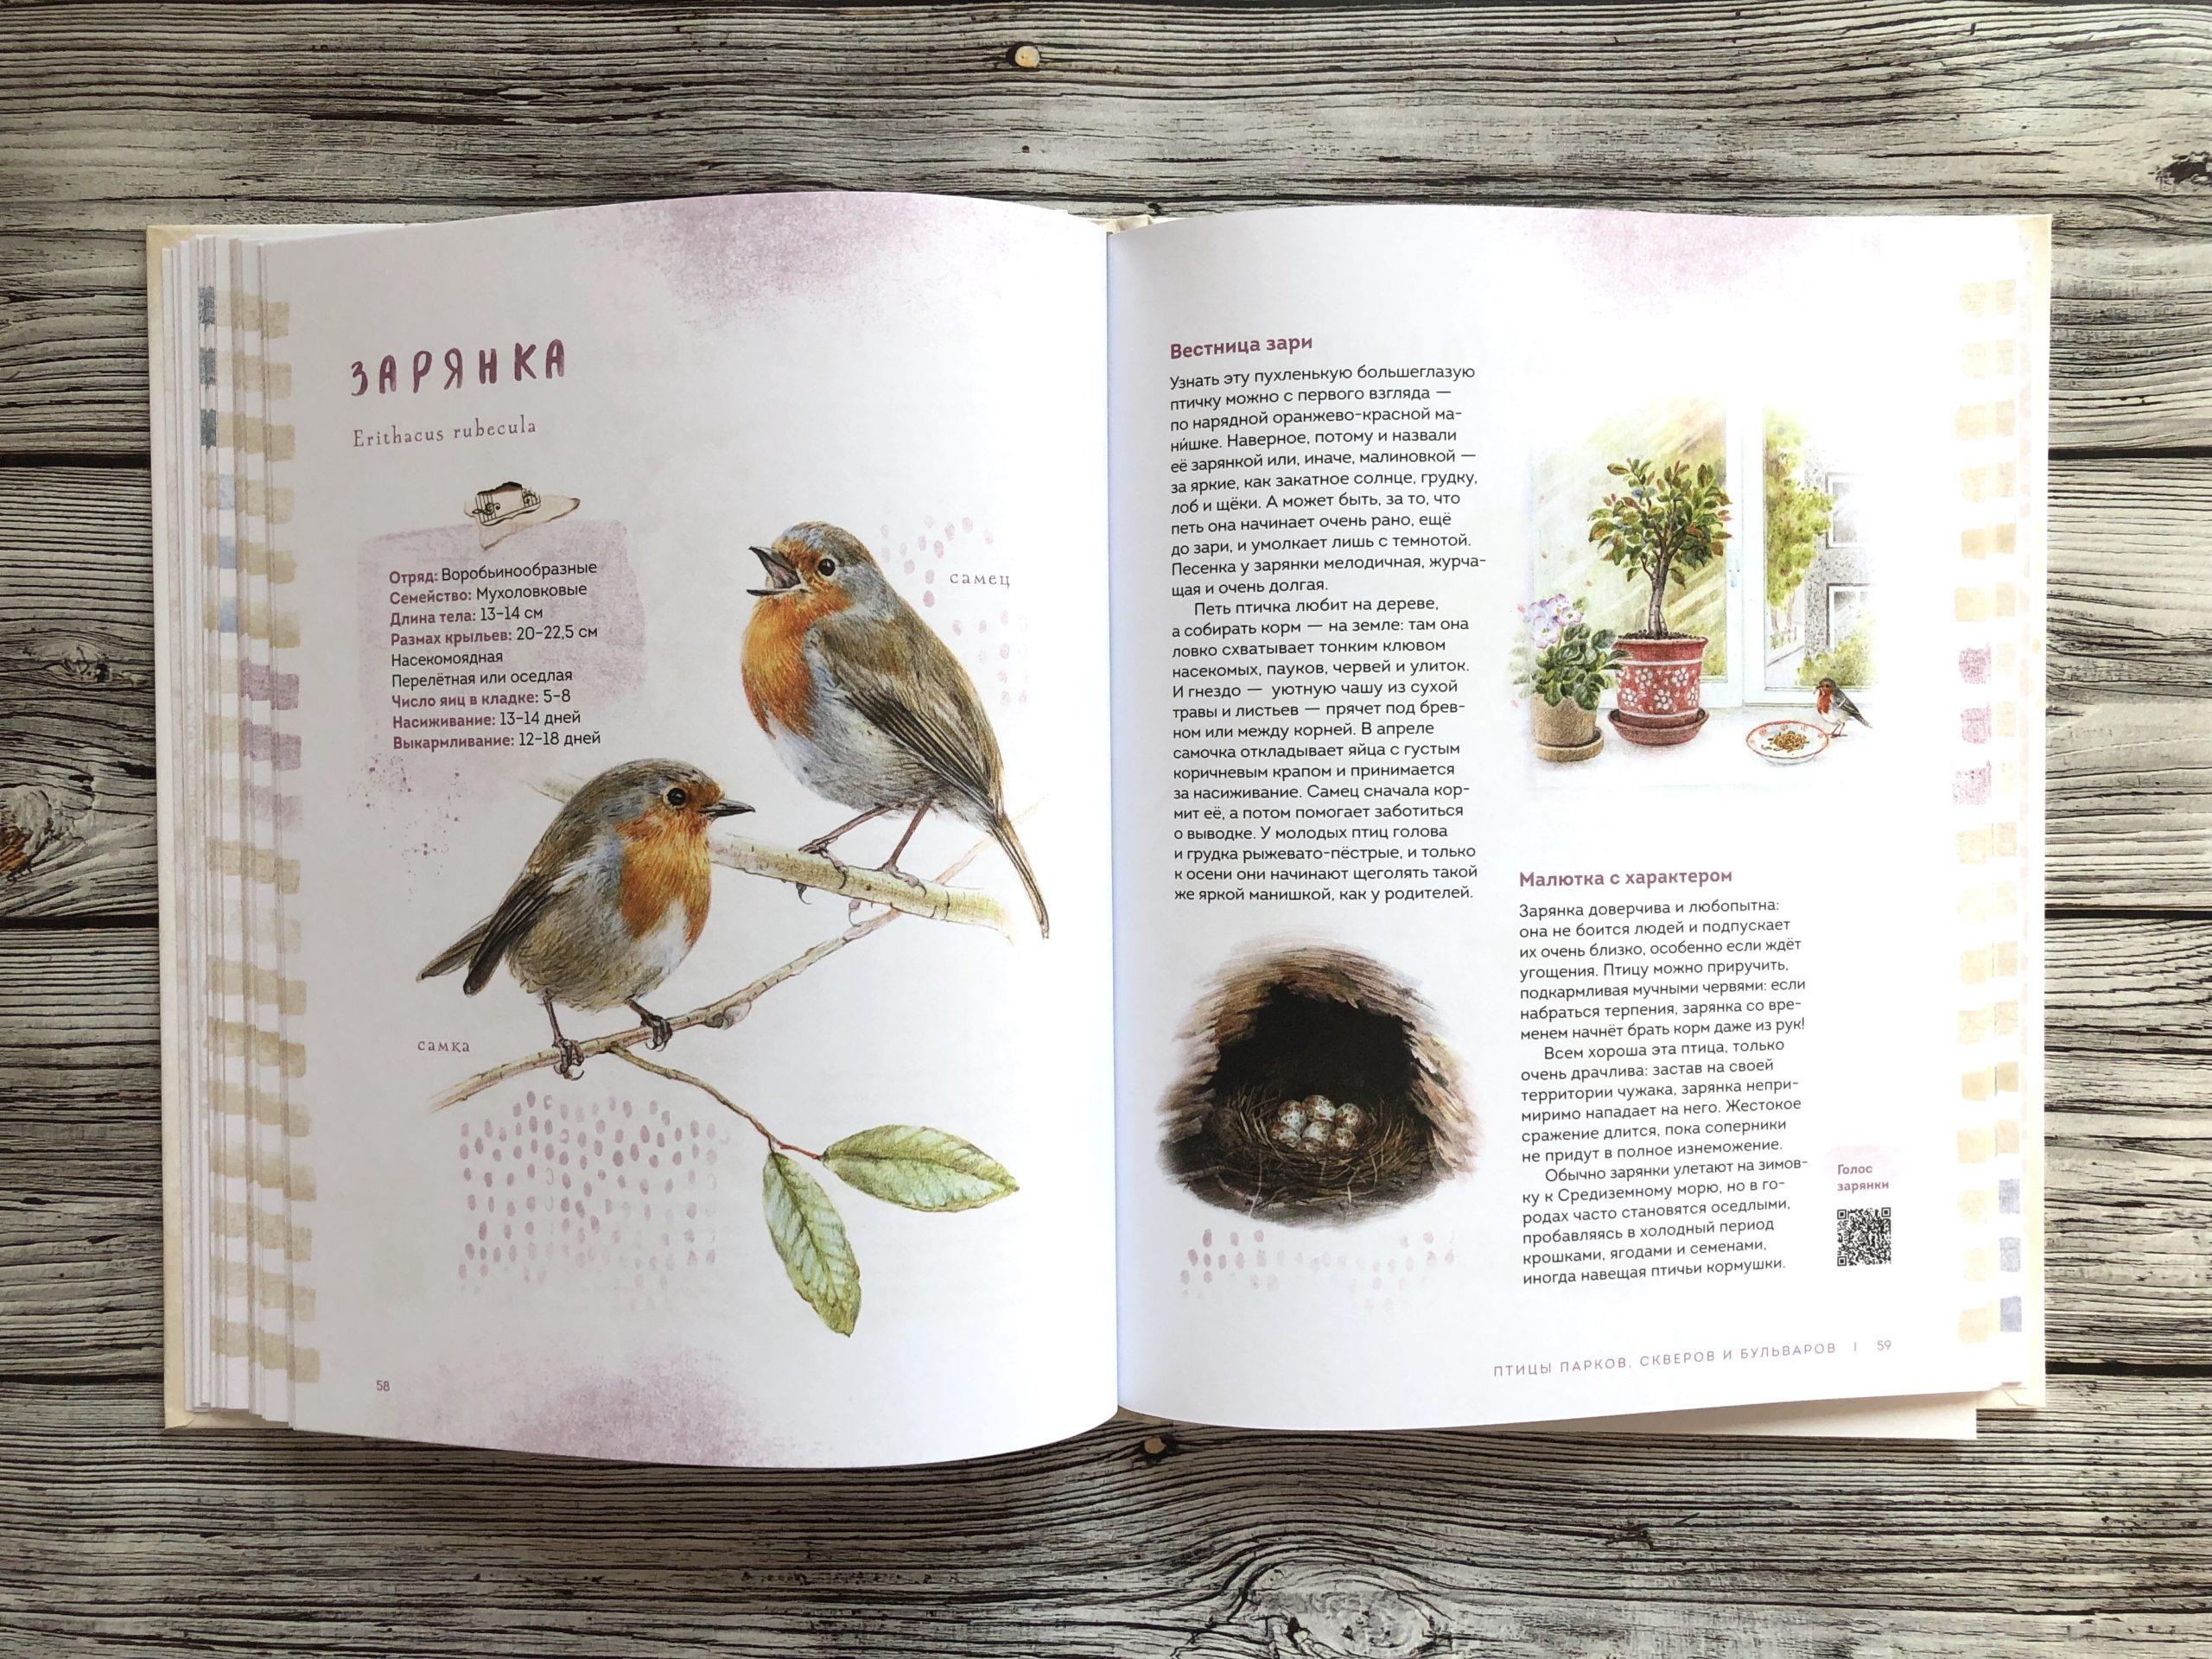 Очень красивая и полезная книга о птицах для детей - Птицы в городе 11